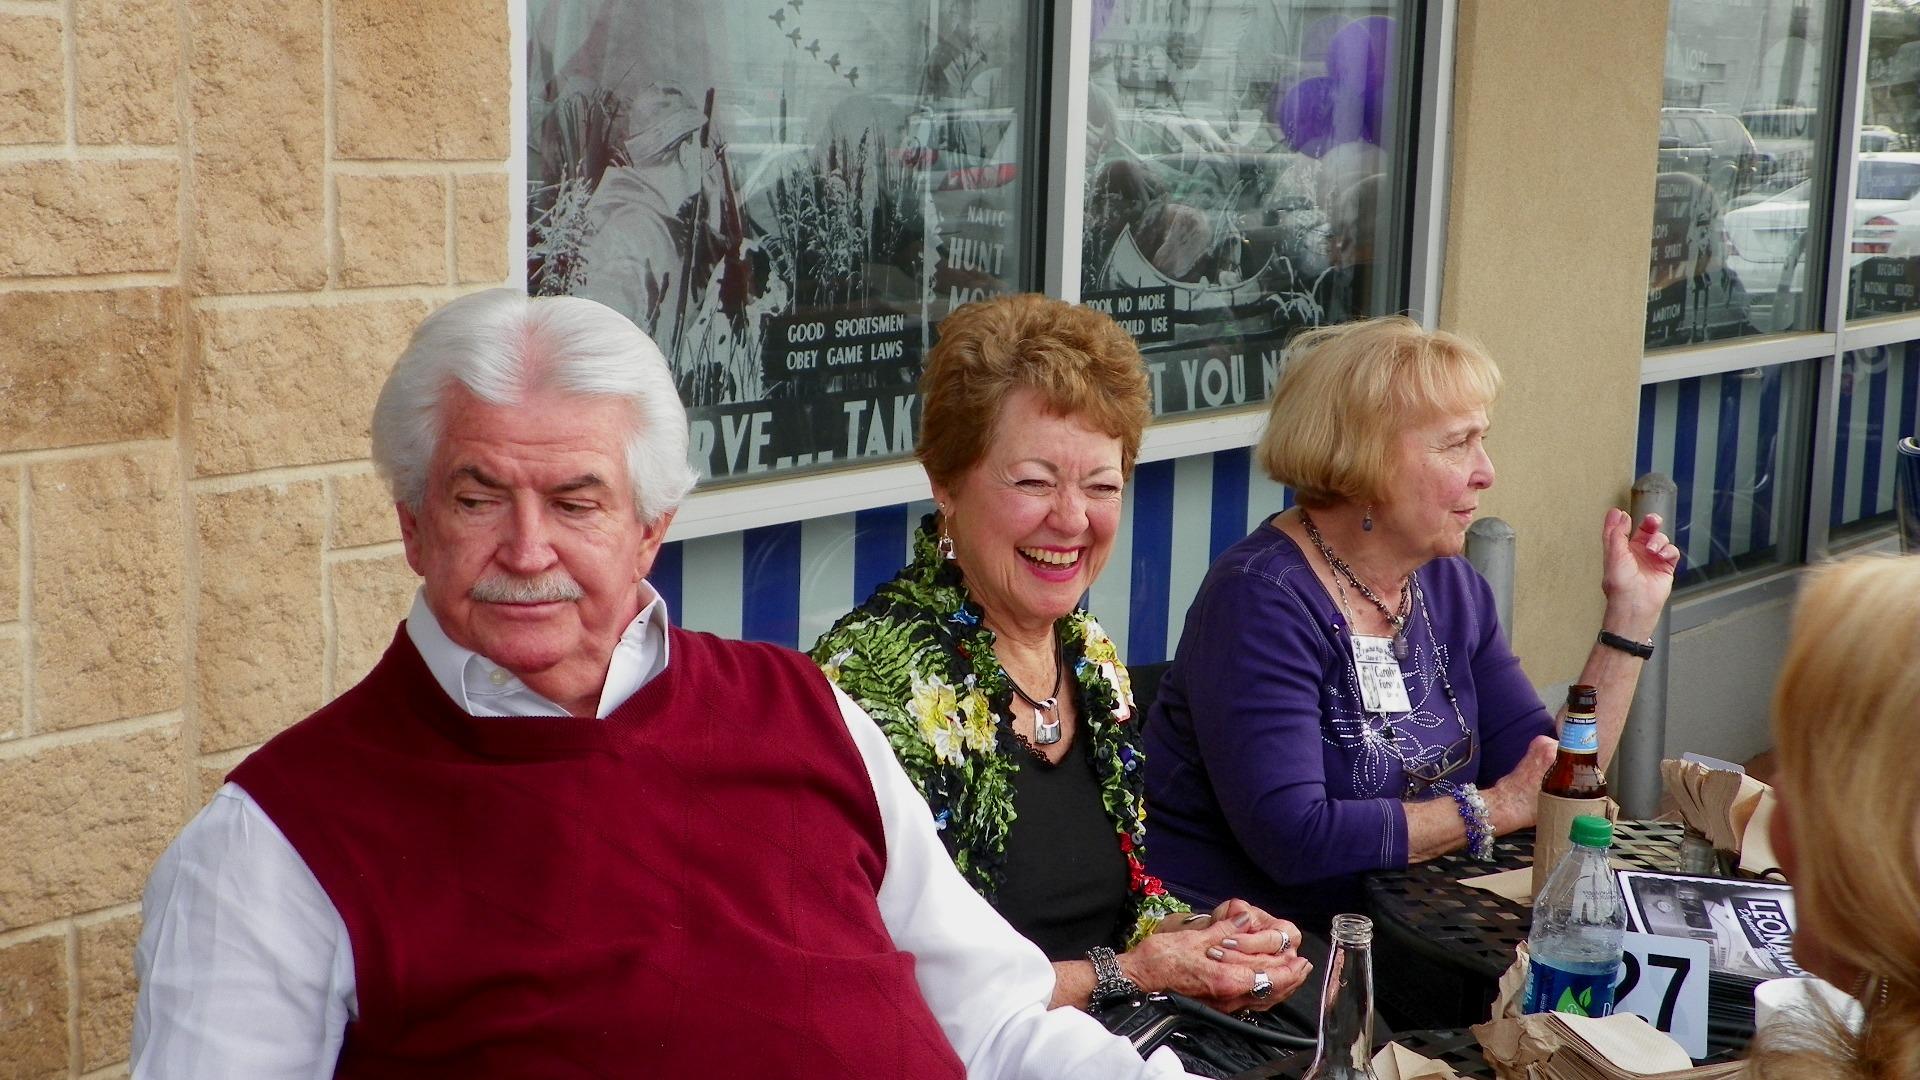 Nancy Hankins Swan, Carolyn Forsyth Linton